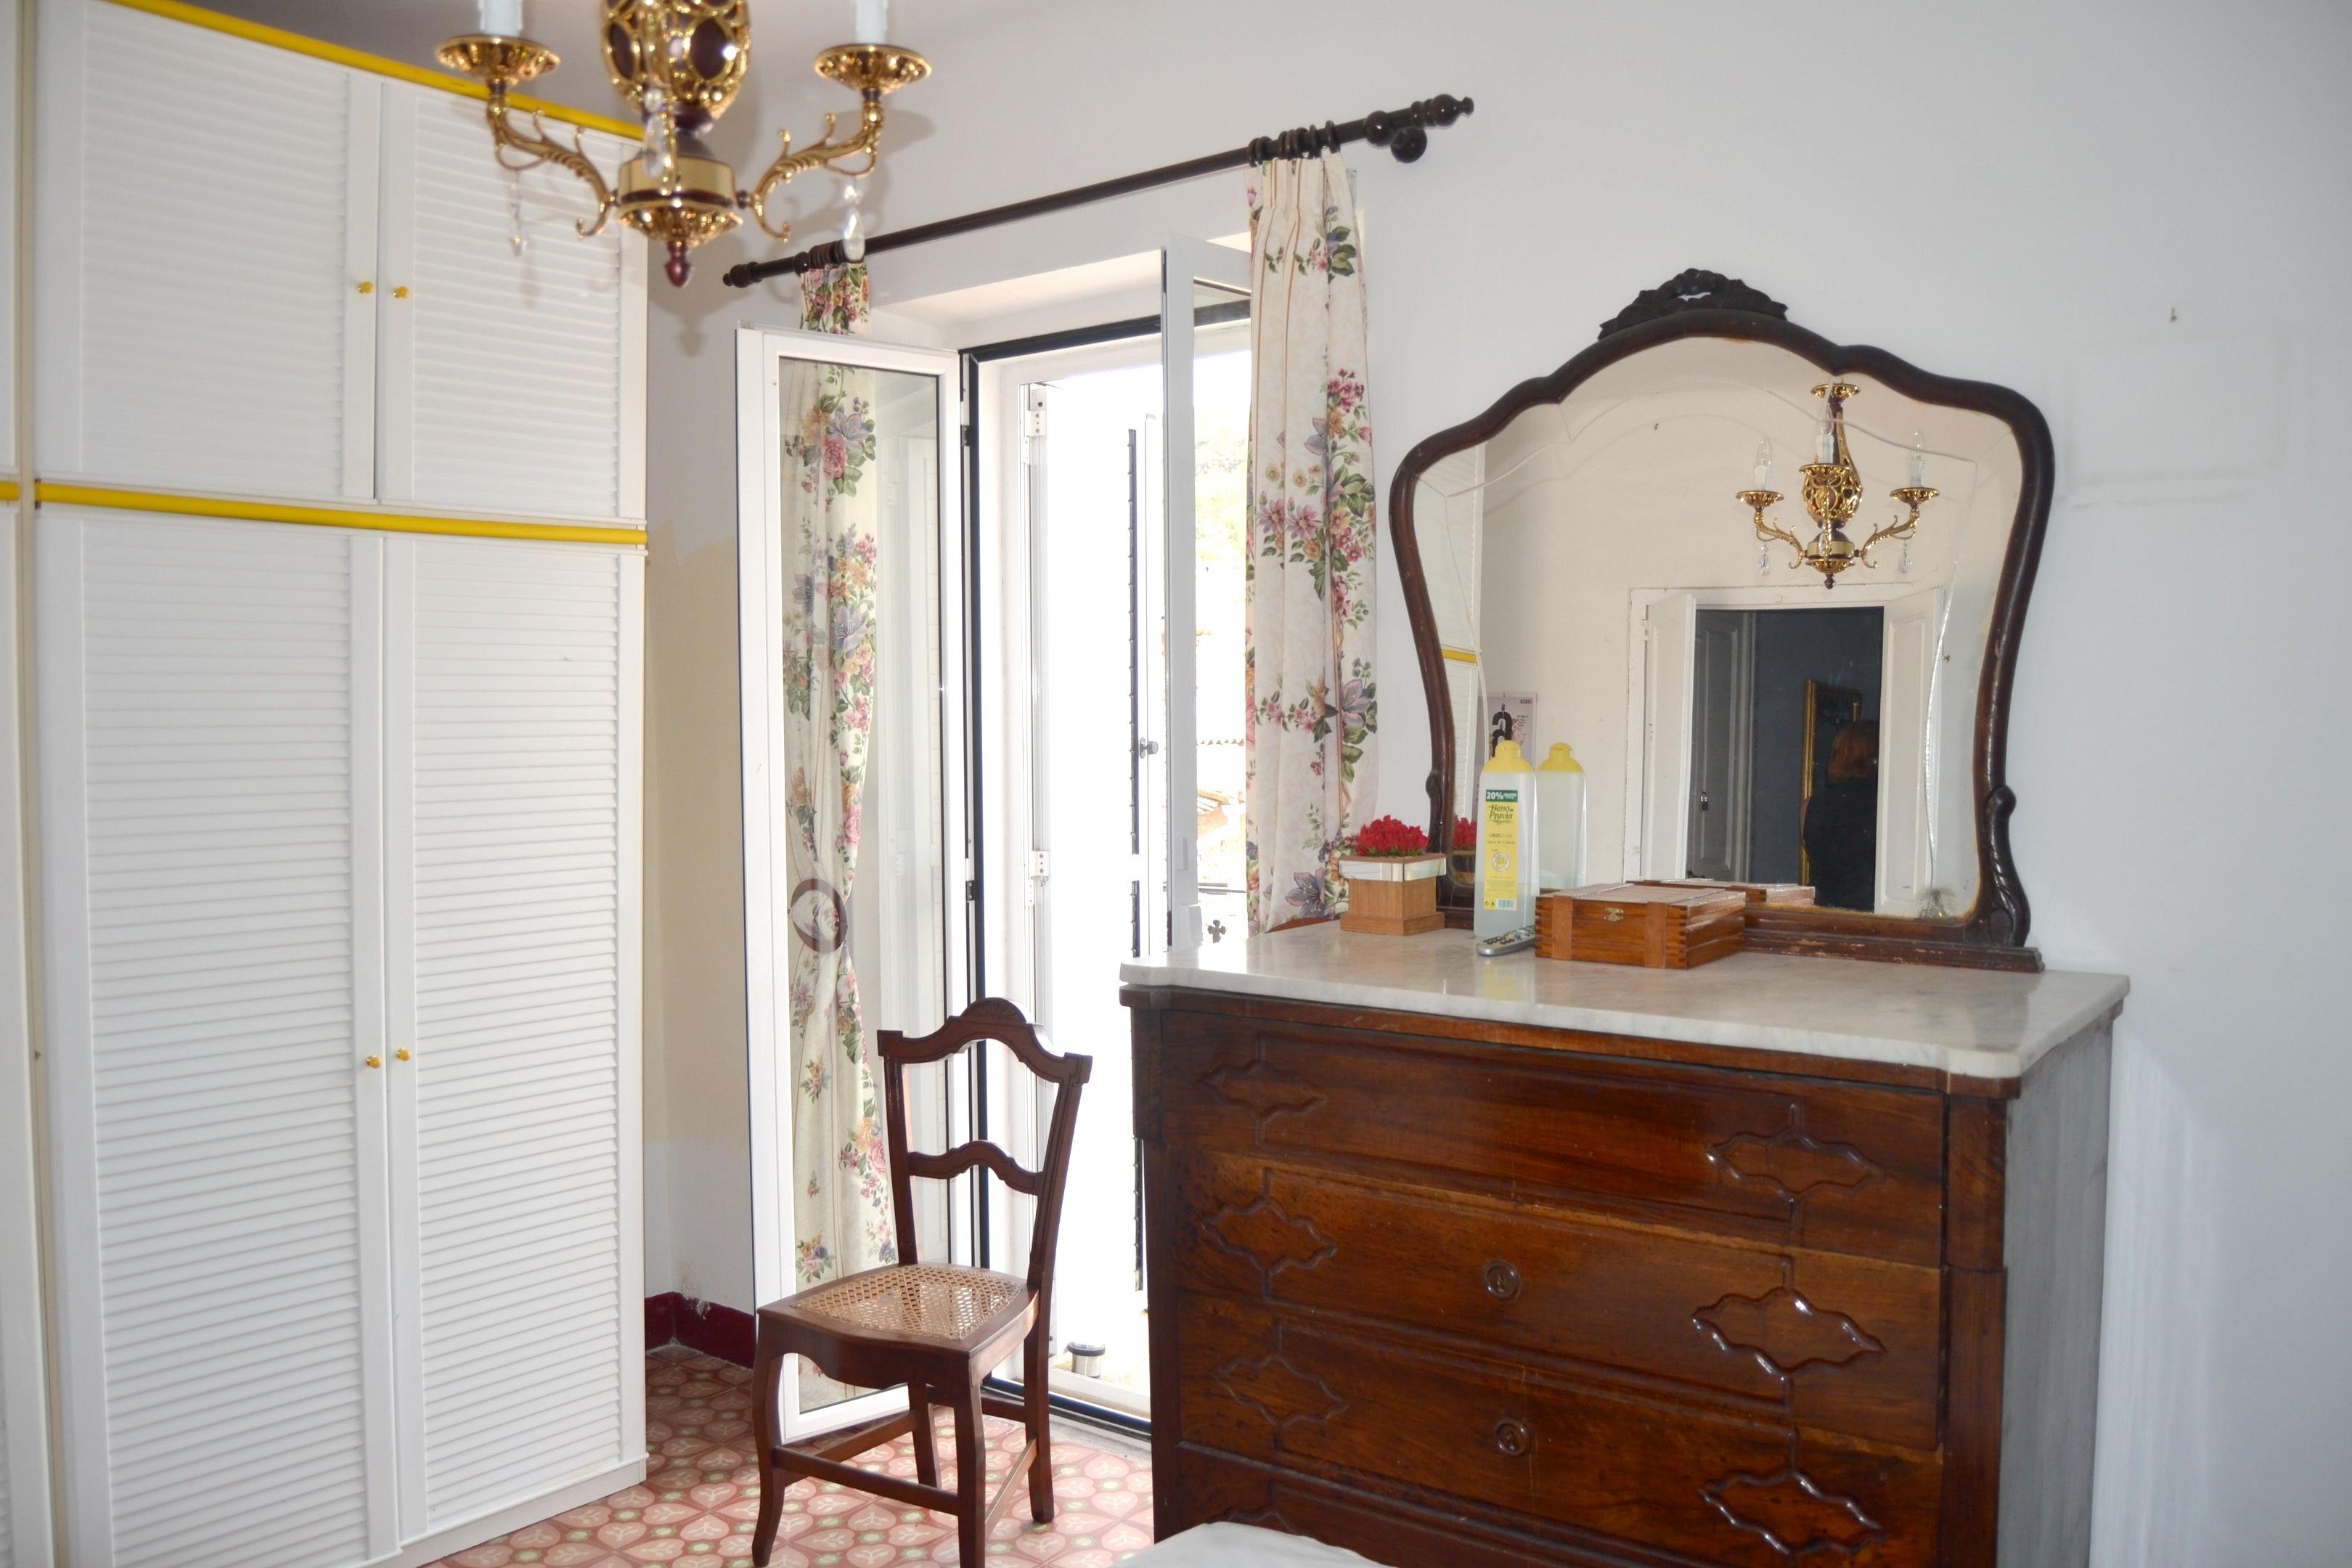 Ferienhaus Haus mit 4 Schlafzimmern in Sant Pere Sacarrera mit toller Aussicht auf die Berge, möblier (2217248), Sant Pere Sacarrera, Barcelona, Katalonien, Spanien, Bild 19